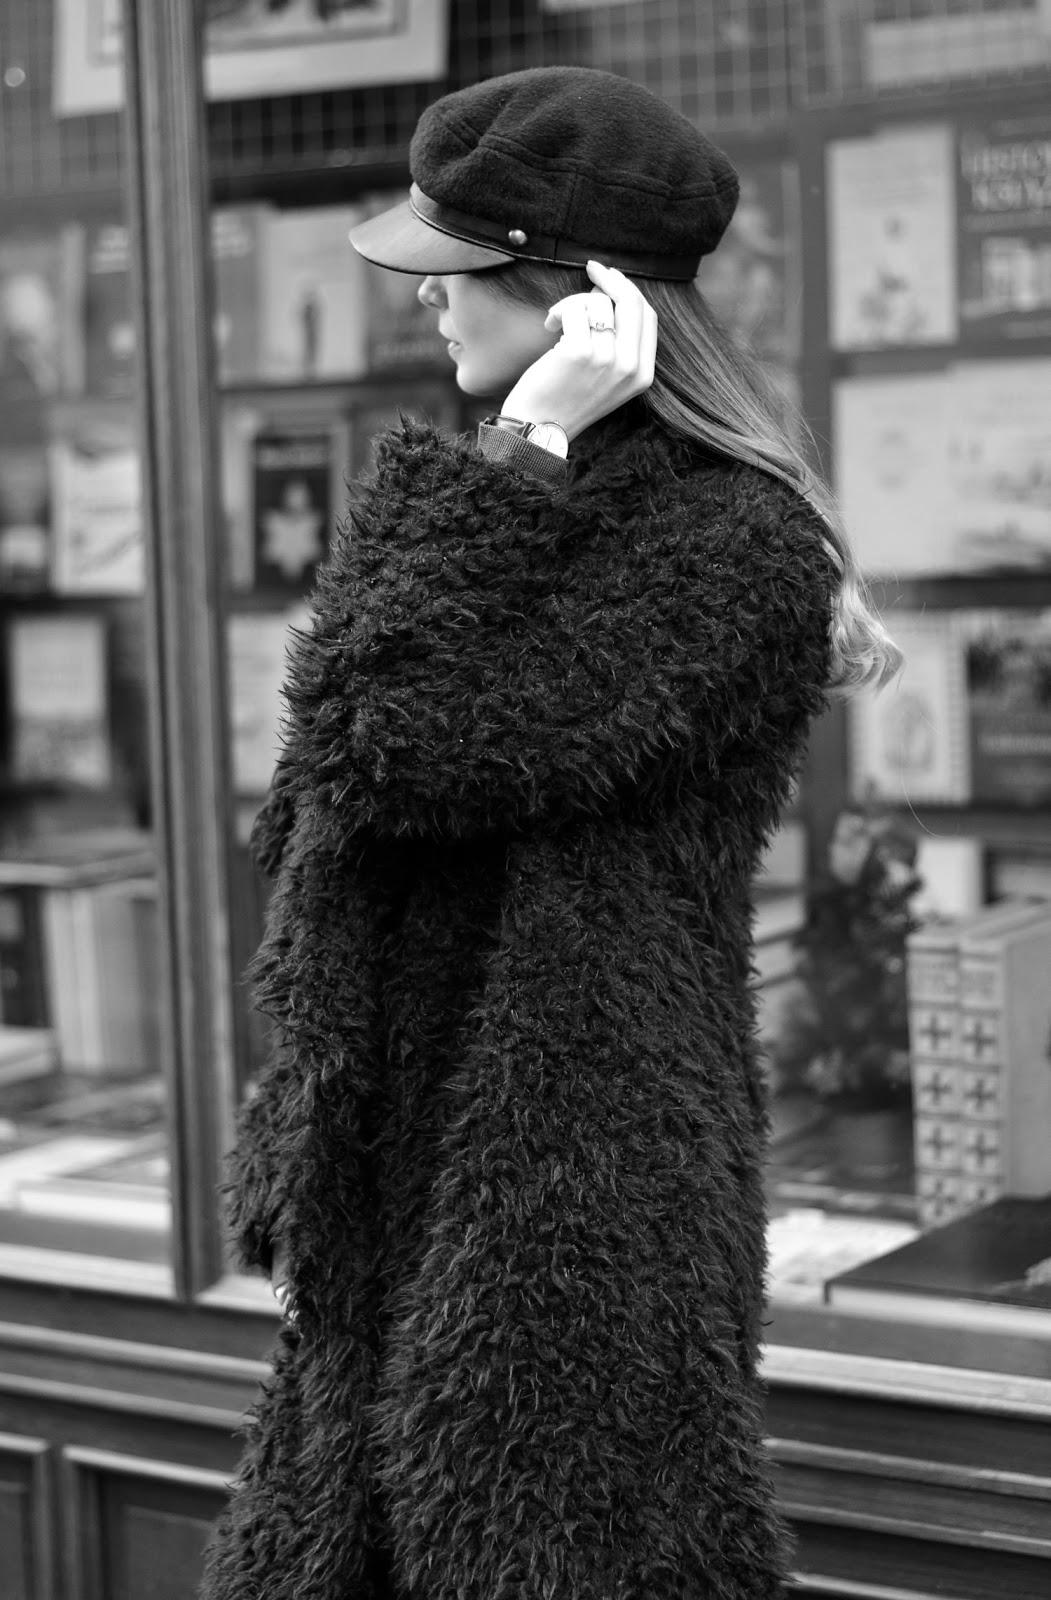 zegarek daniel wellinton bon rabatowy | blog o modzie | nastawienie do zycia